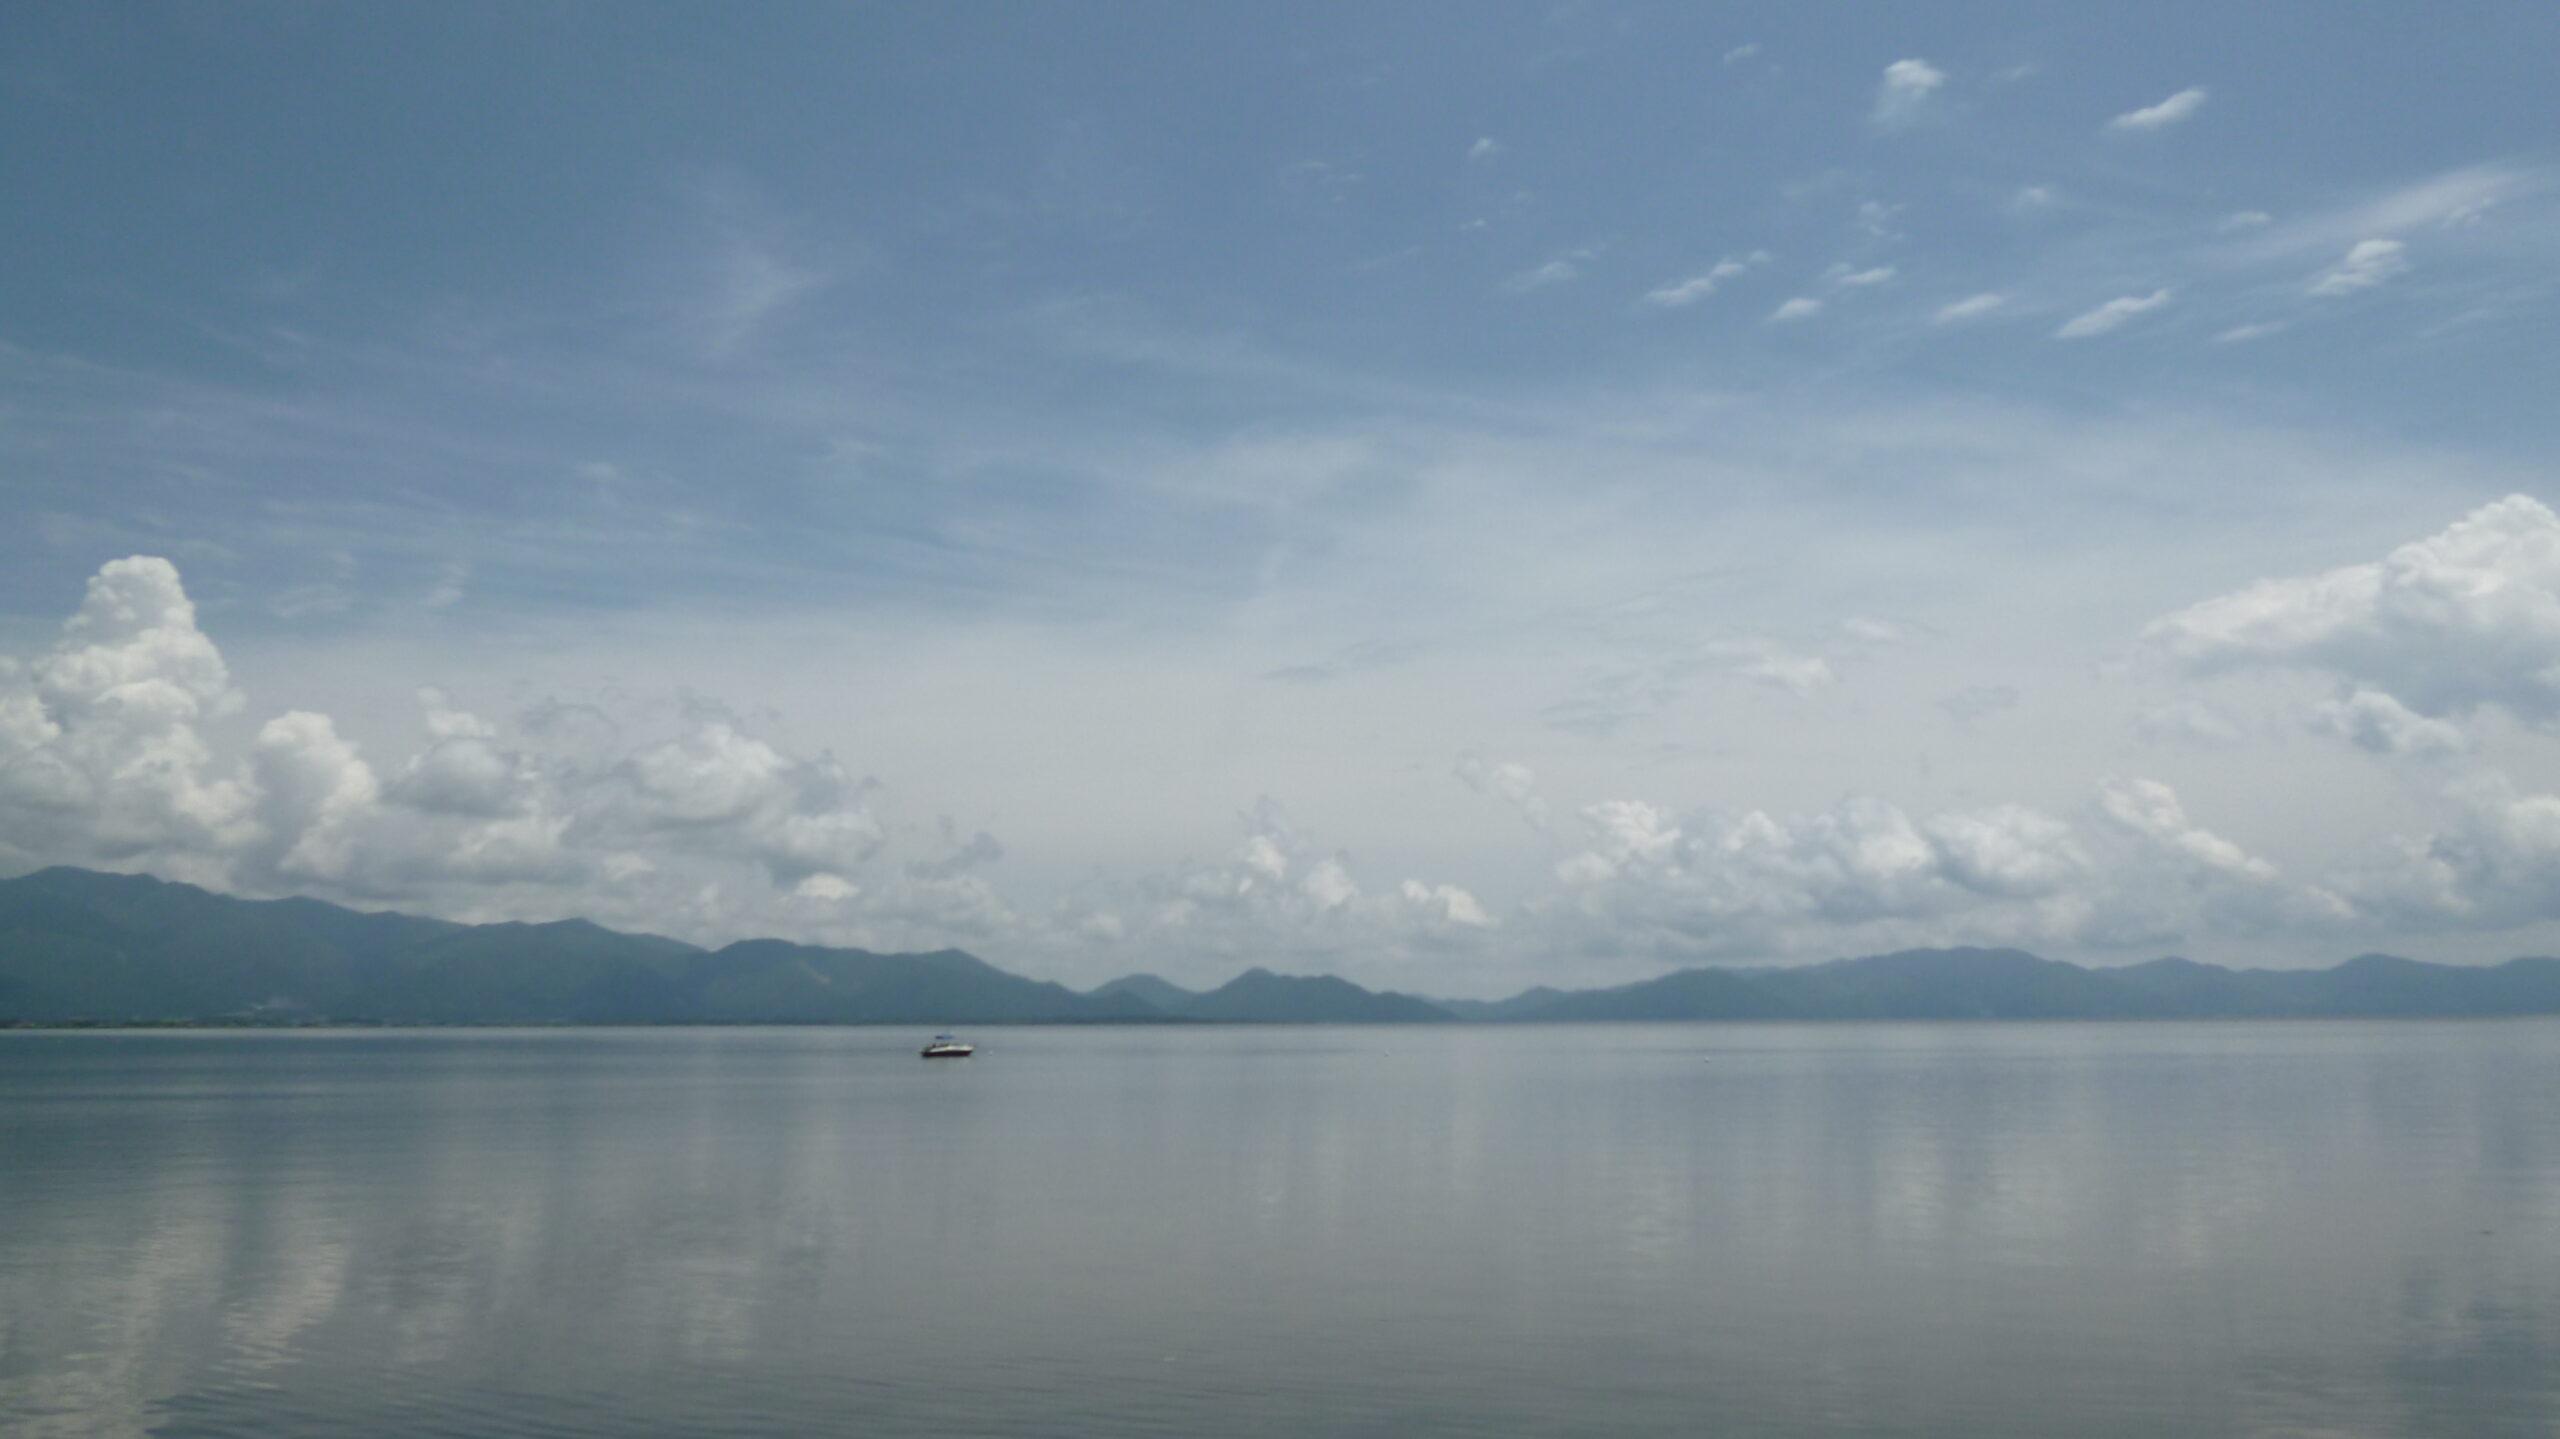 雲を映す雄大な猪苗代湖(令和3年6月撮影)